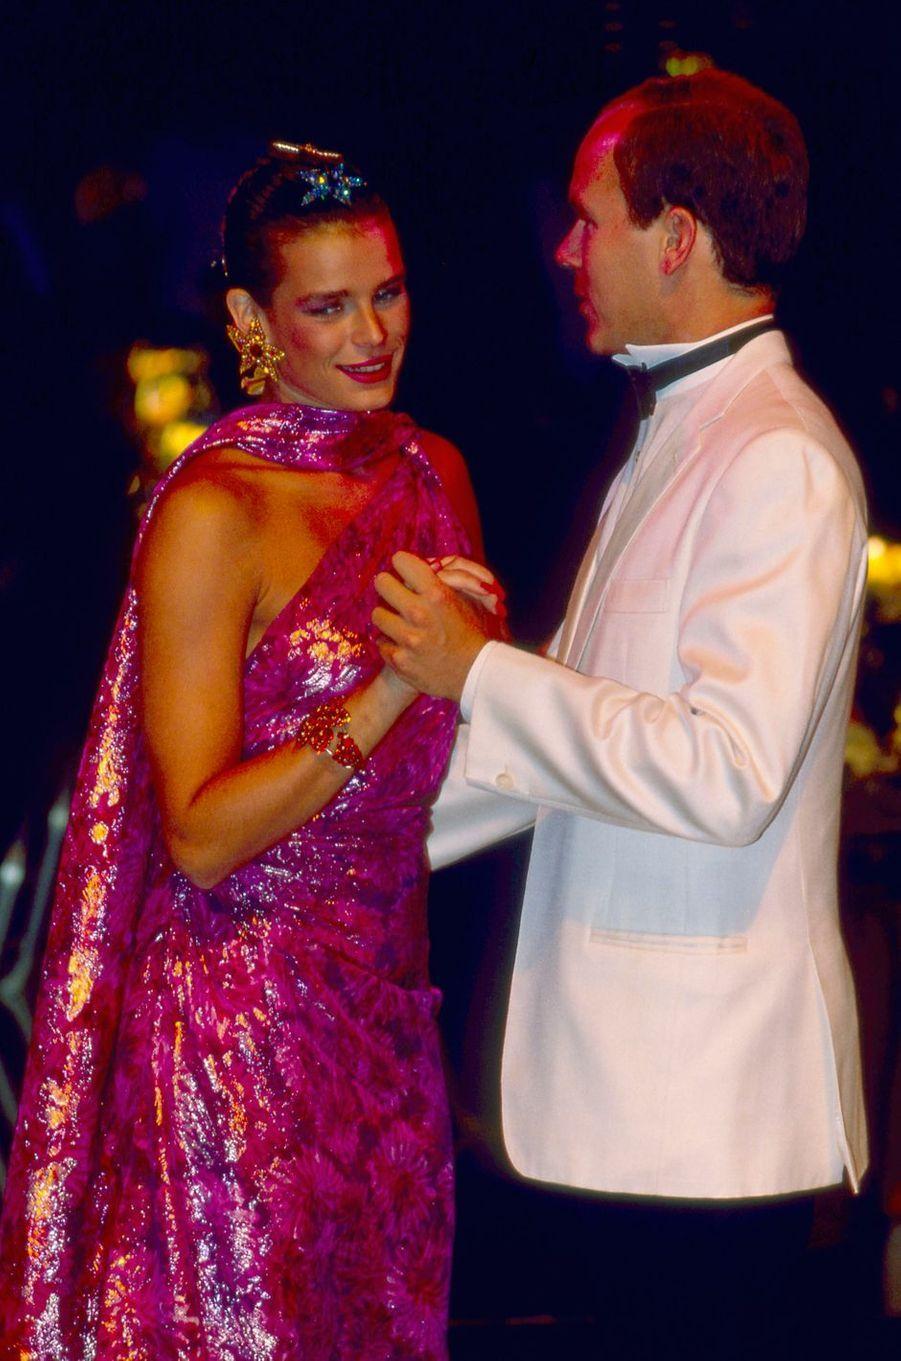 La princesse Stéphanie de Monaco au bal de la Croix-Rouge en août 1989